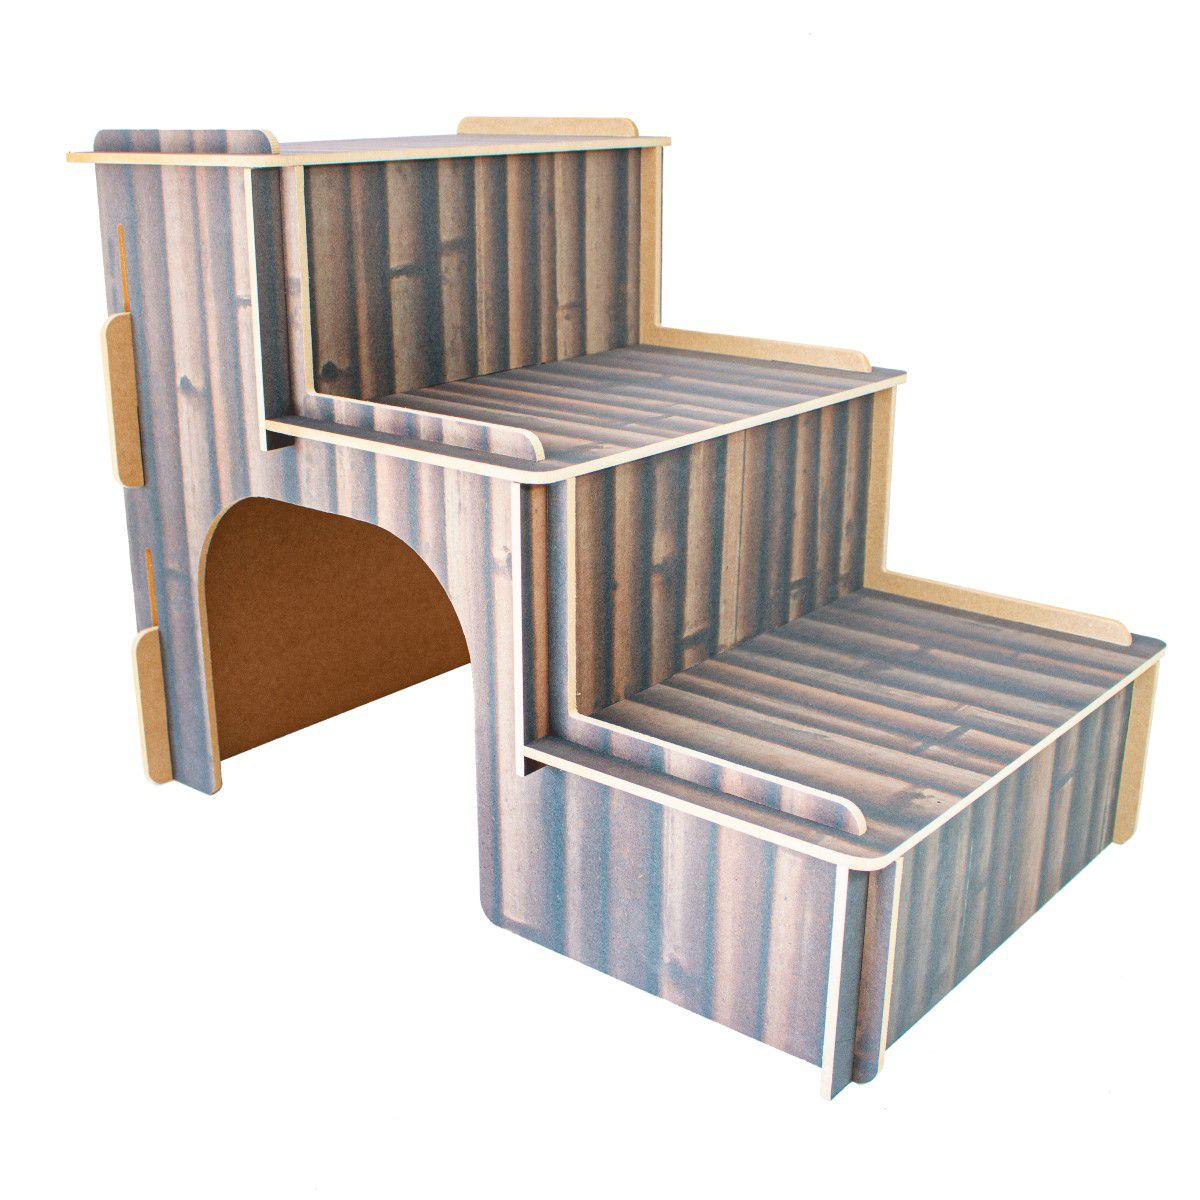 Escada MDF Para Cachorro e Gatos - Bambu